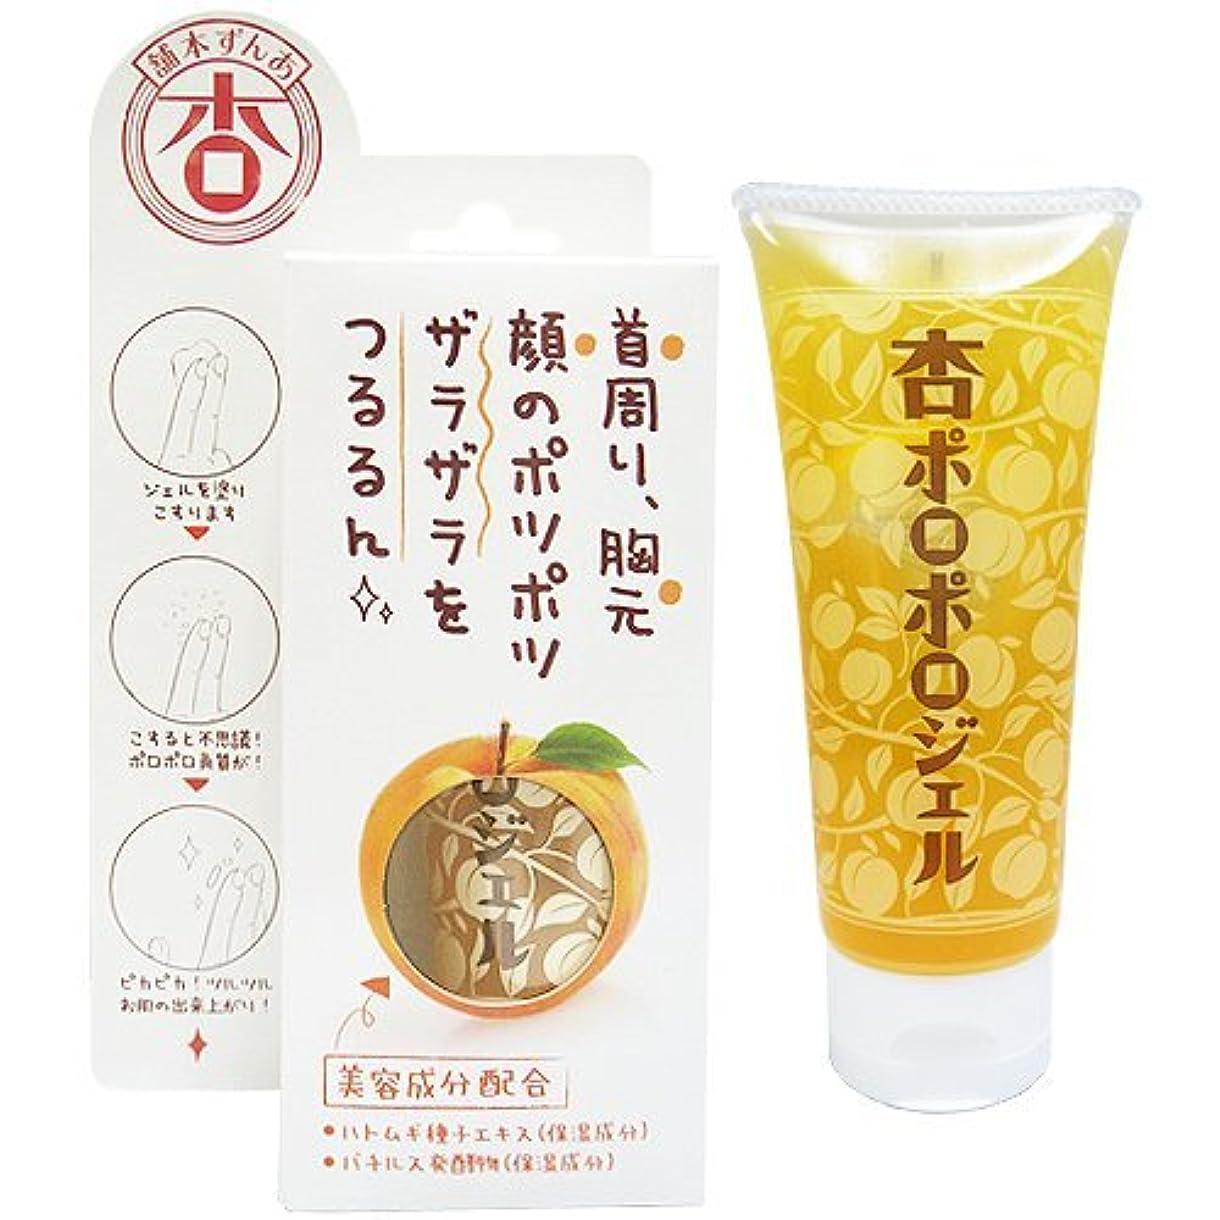 あんず本舗 杏ポロポロジェル 日本製 × 3個セット